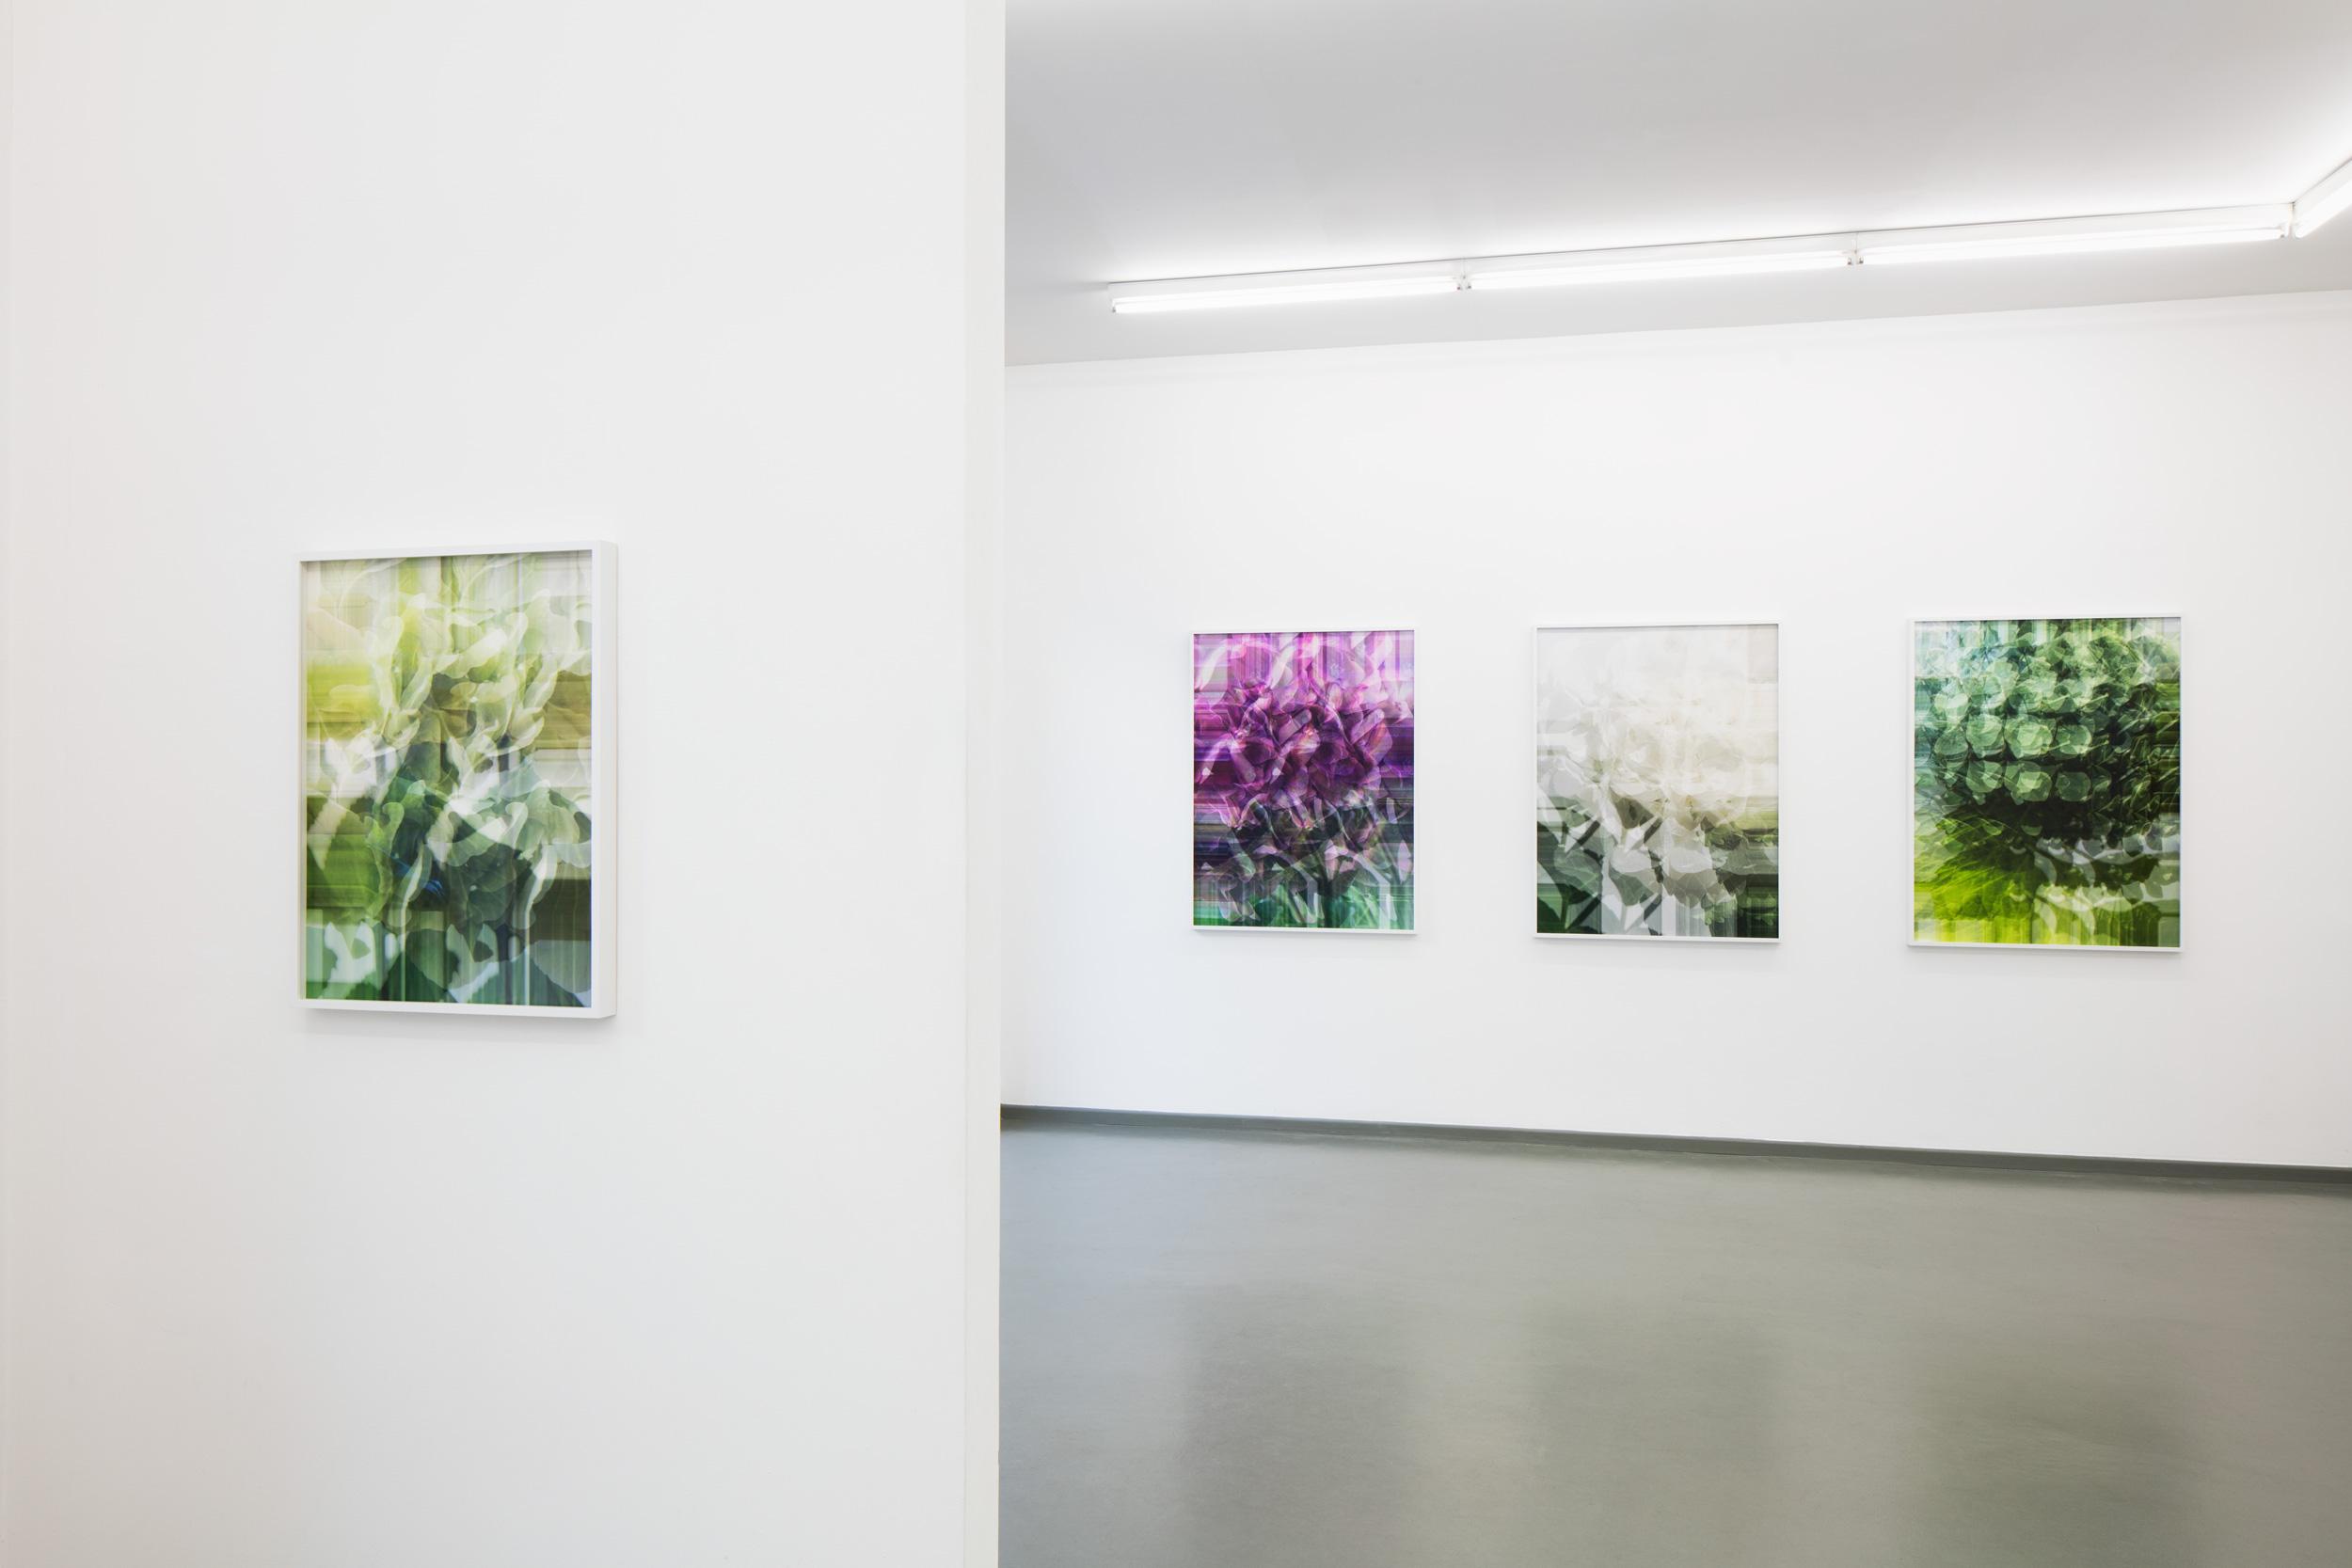 exhibition view BLOSSOM WORKS, Rasche Ripken, 2018